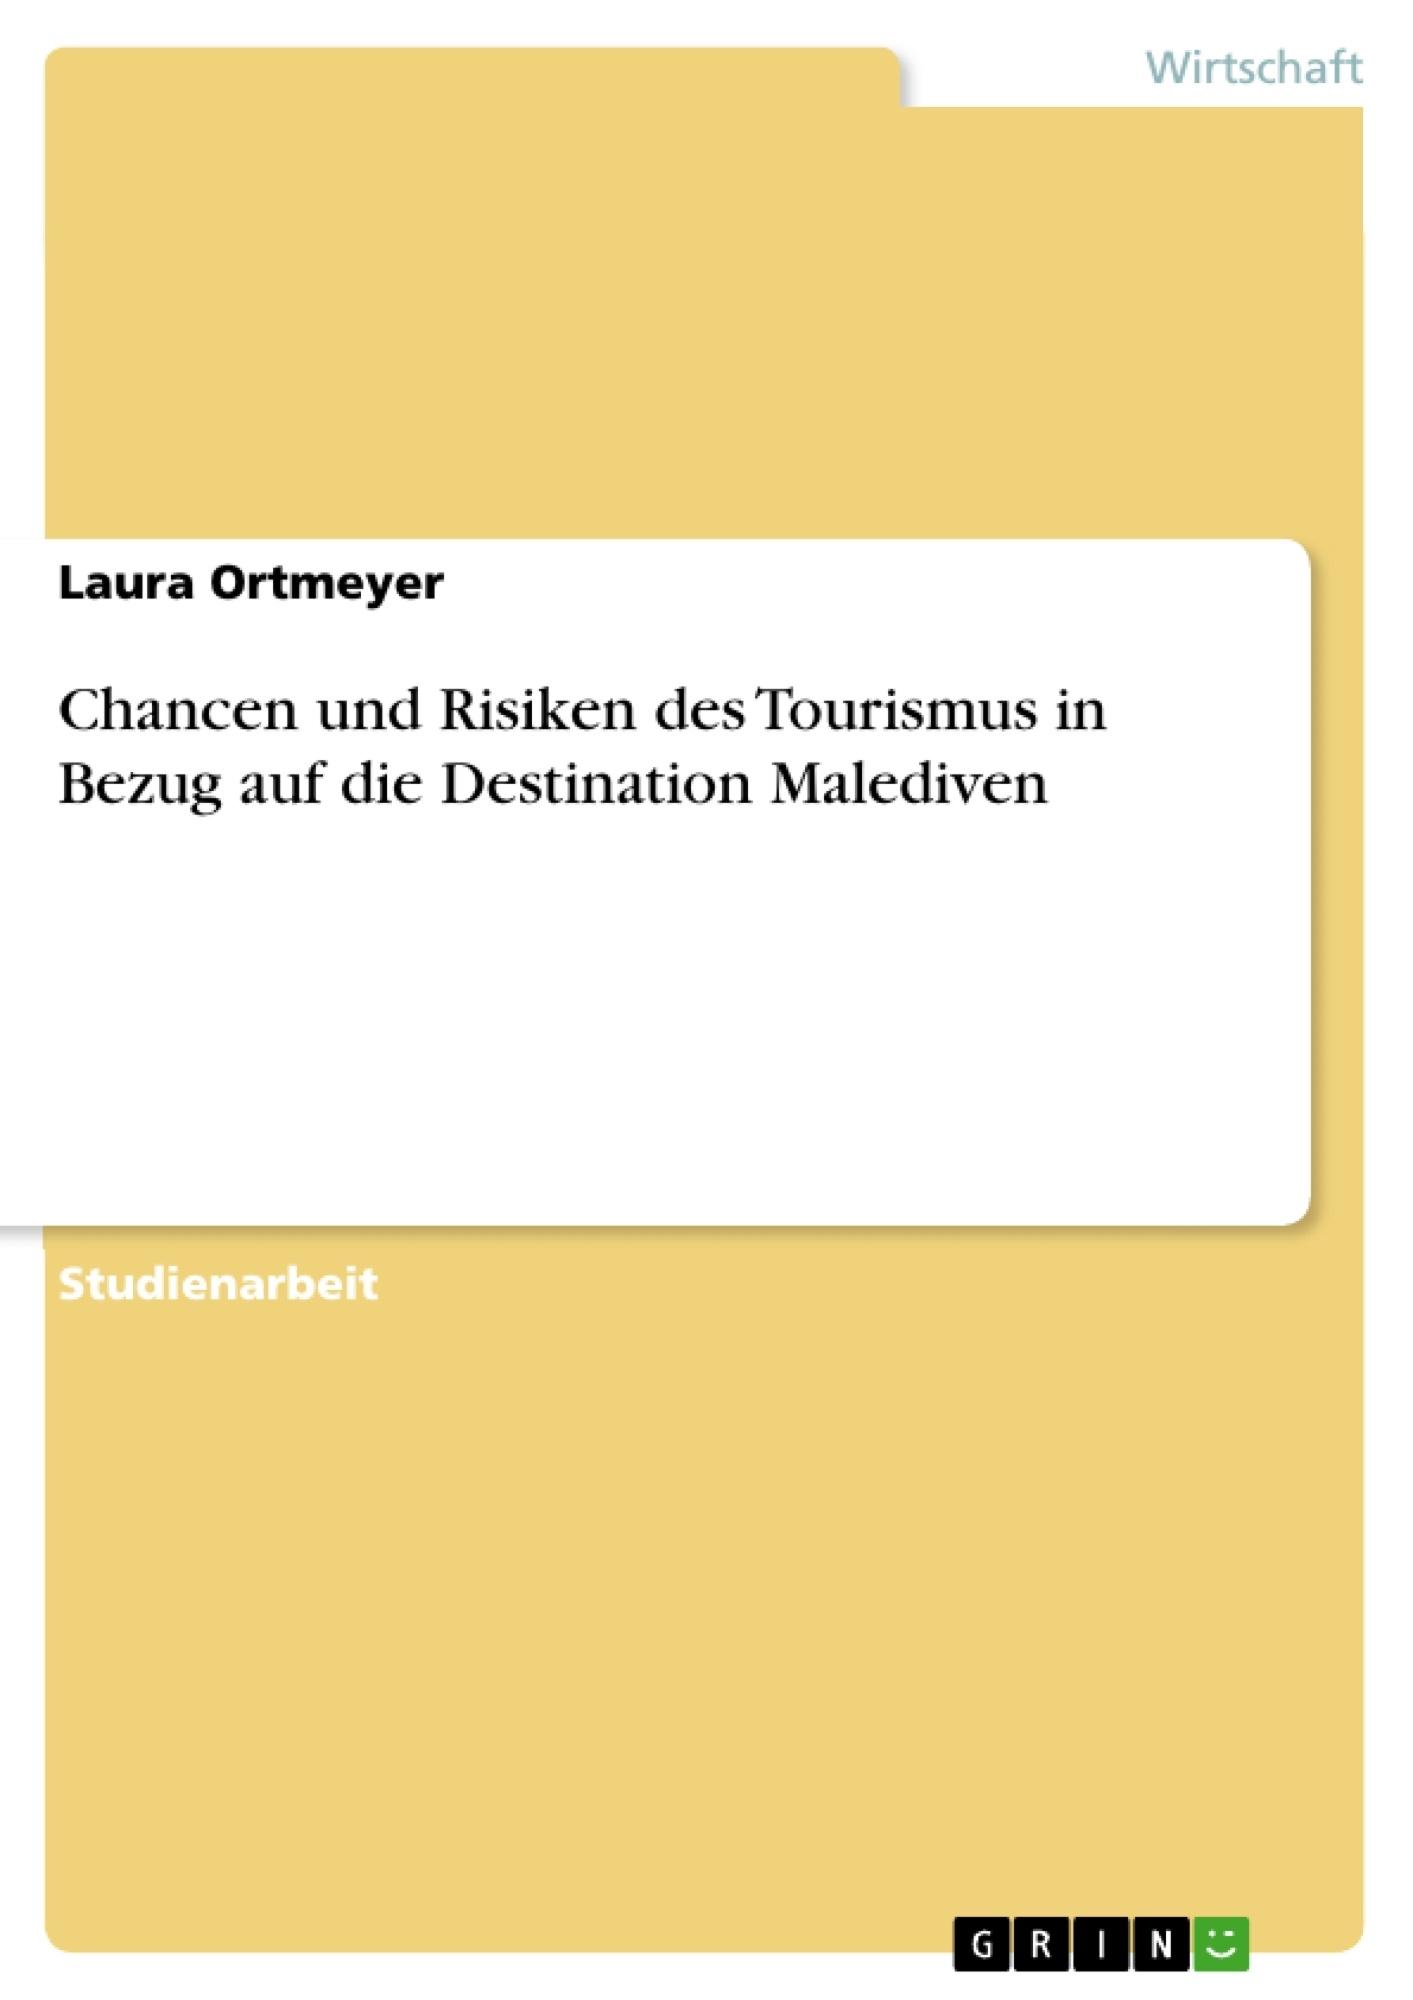 Titel: Chancen und Risiken des Tourismus in Bezug auf die Destination Malediven